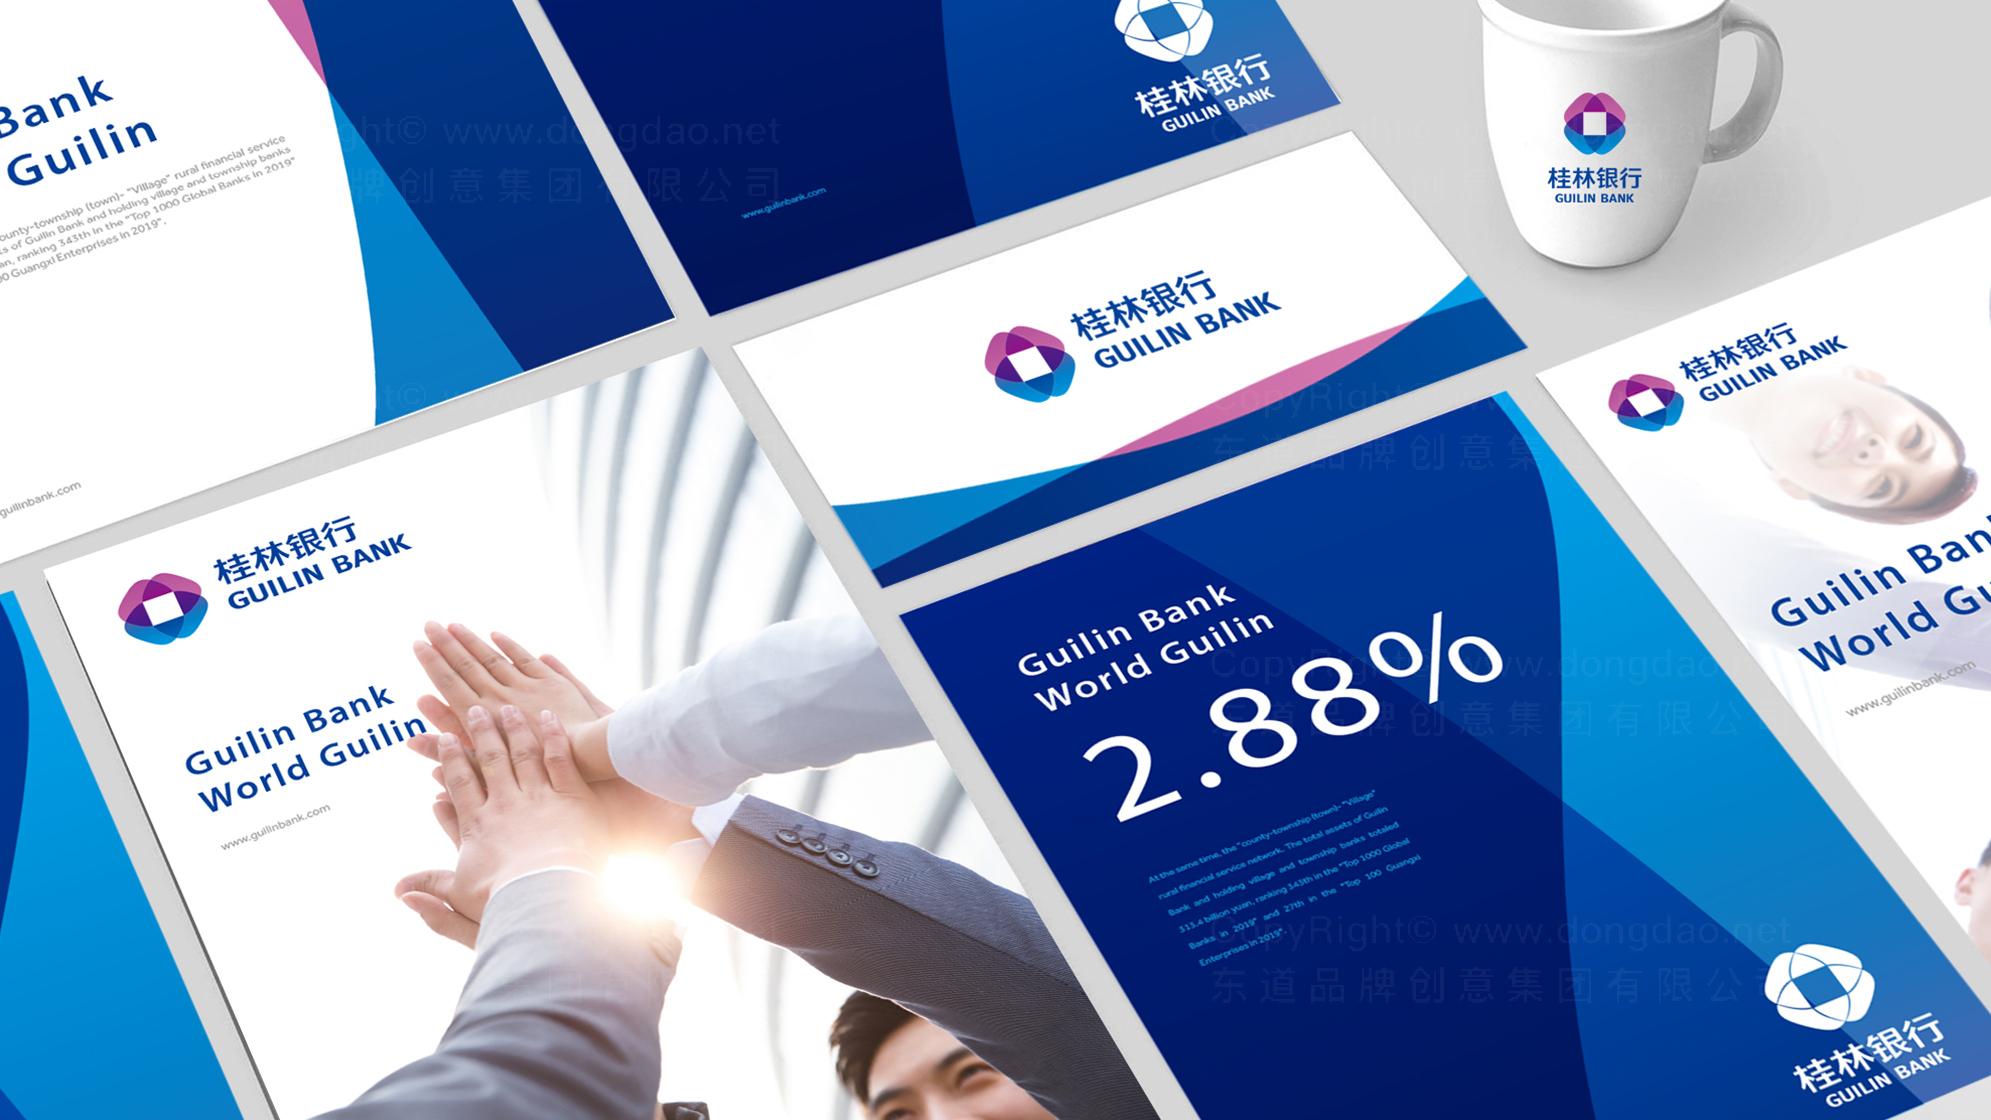 品牌设计桂林银行LOGO&VI设计应用场景_1